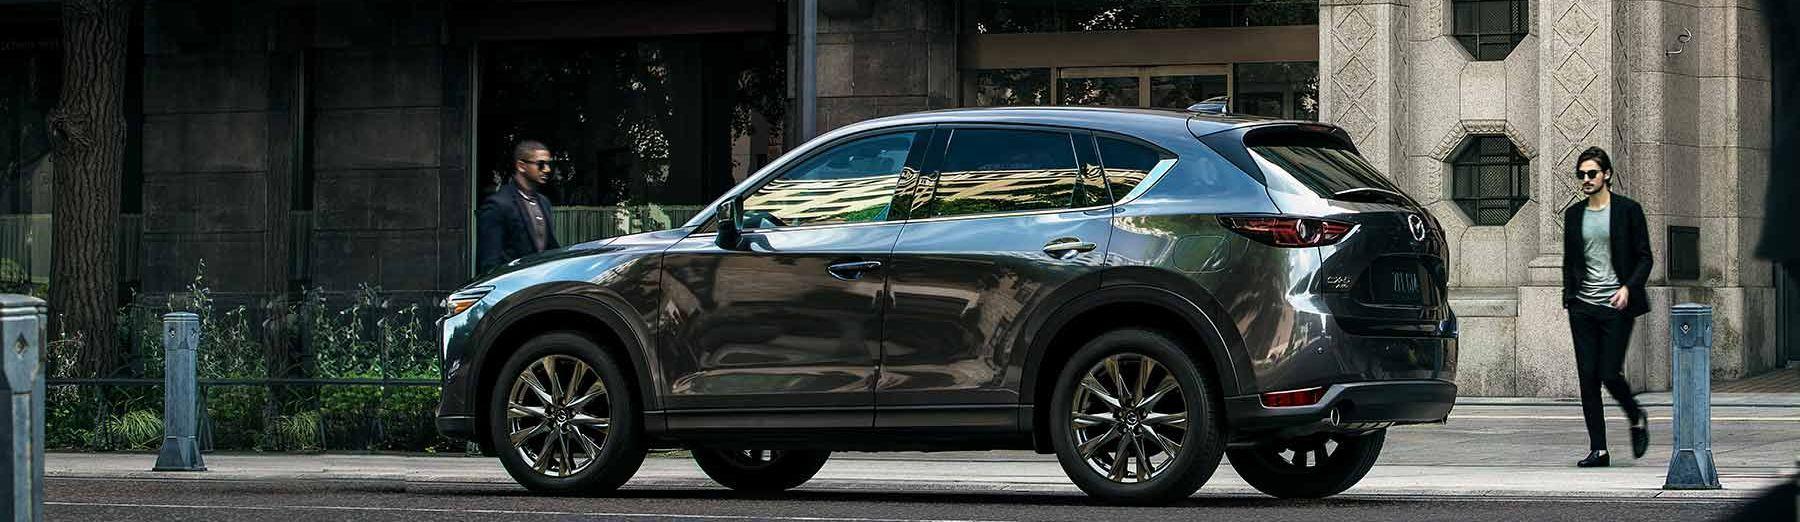 2019 Mazda CX-5 for Sale near Lansing, MI